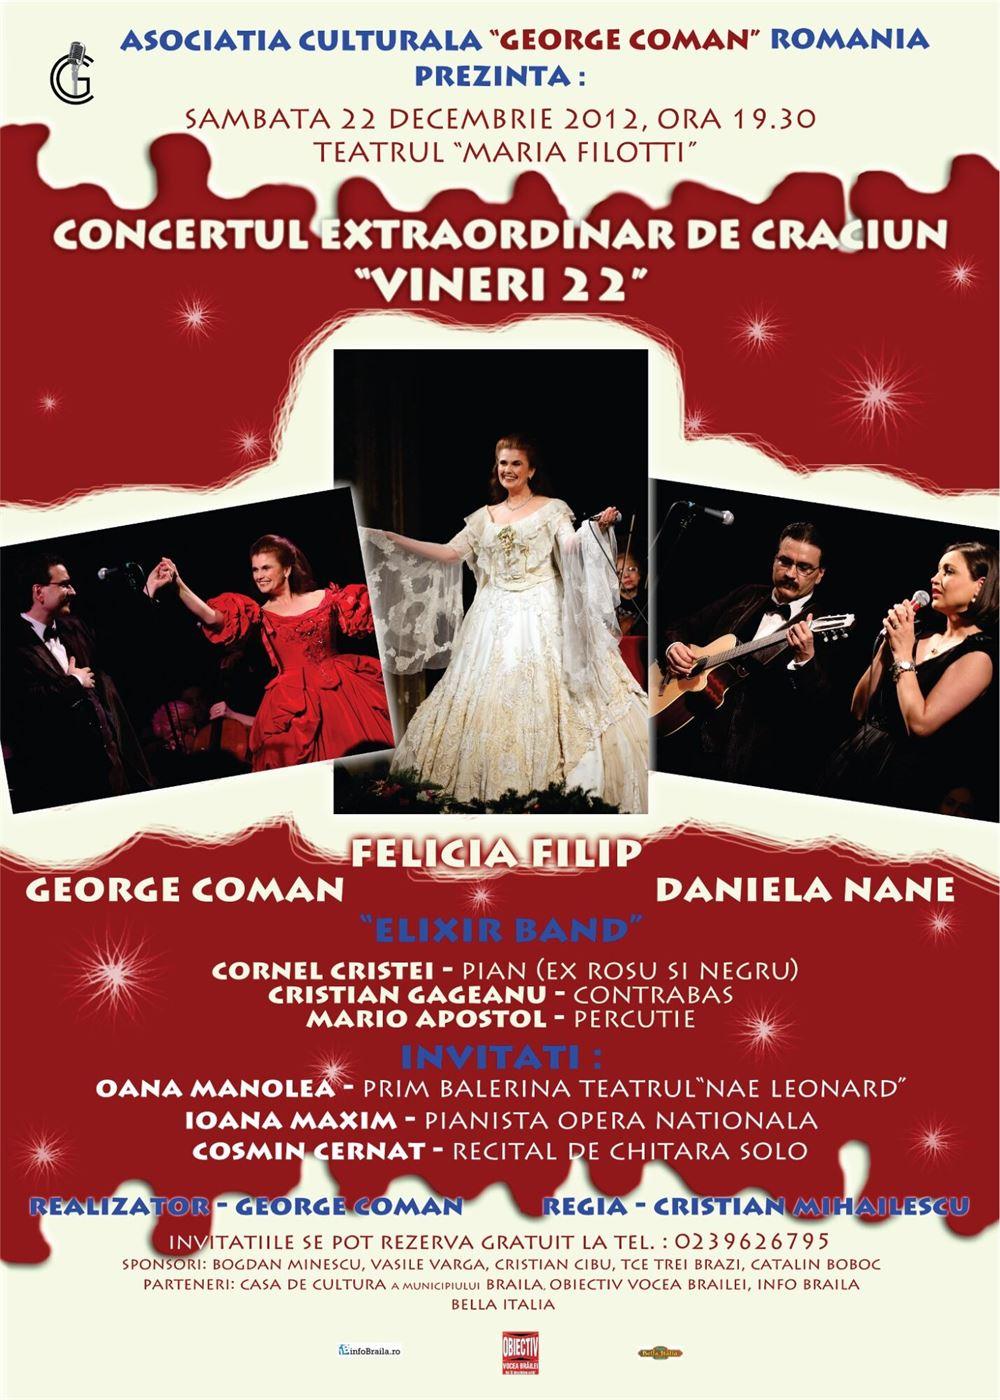 Felicia Filip alaturi de Giorgiu Coman, intr-un concert extraordinar de Craciun, dedicat Revolutiei din 1989